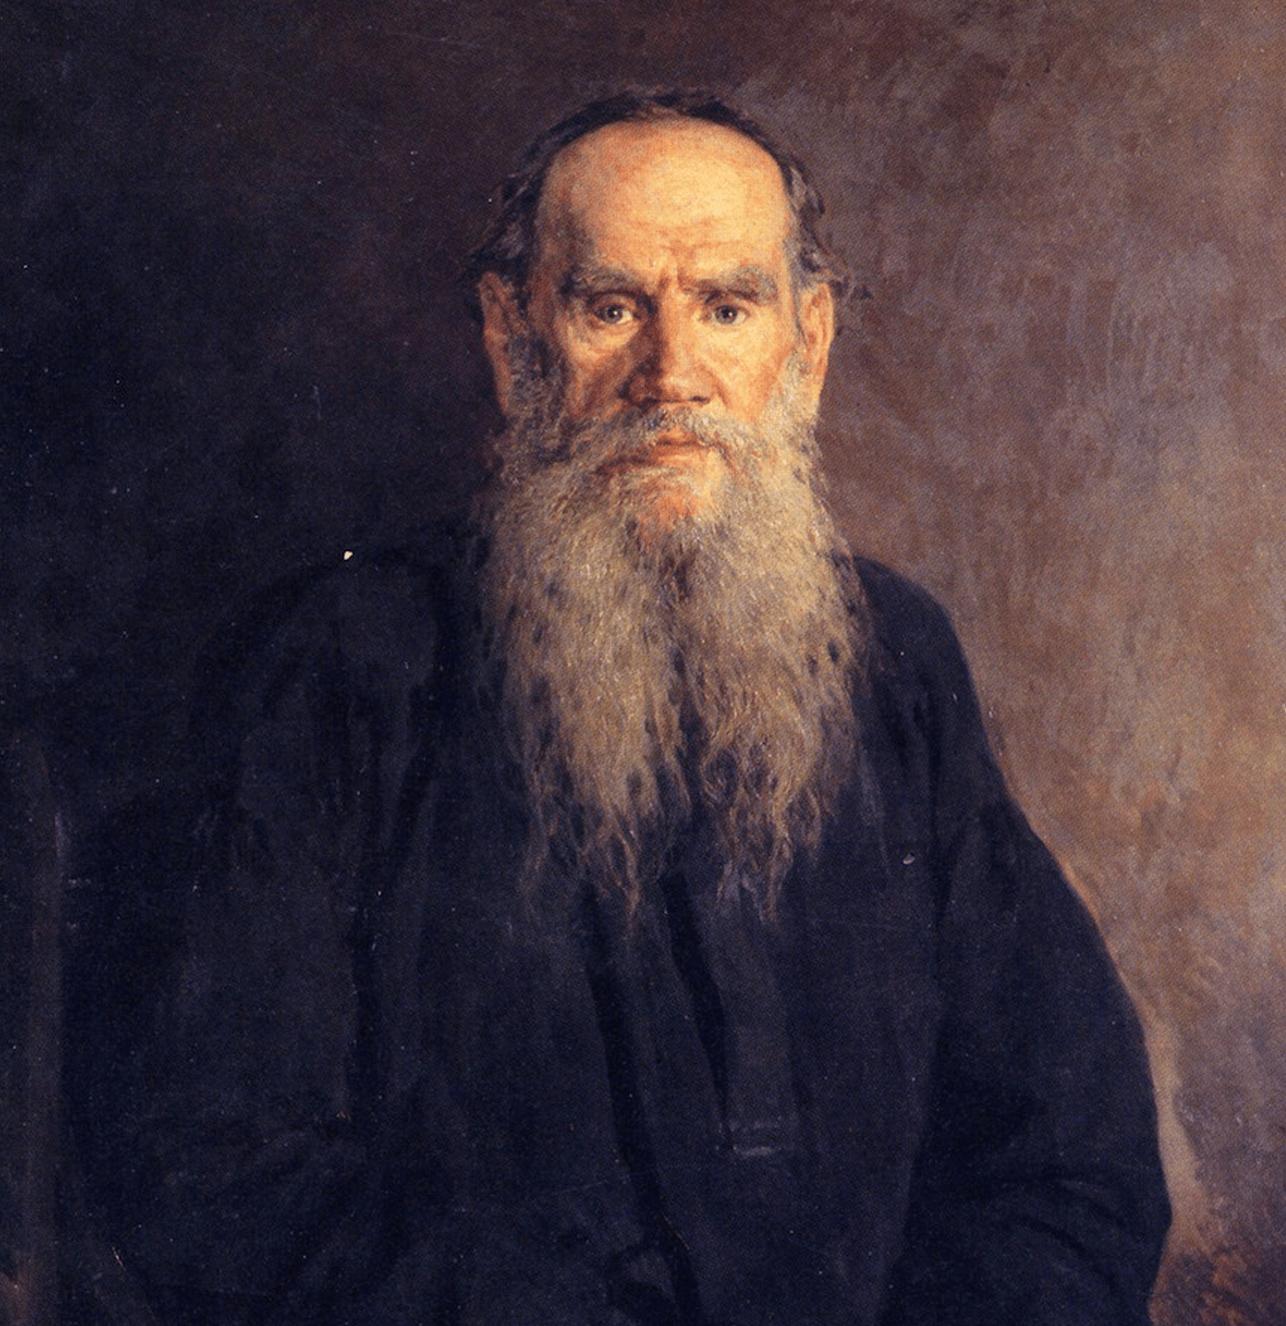 Толстой, Лев Николаевич — Википедия | 1326x1286